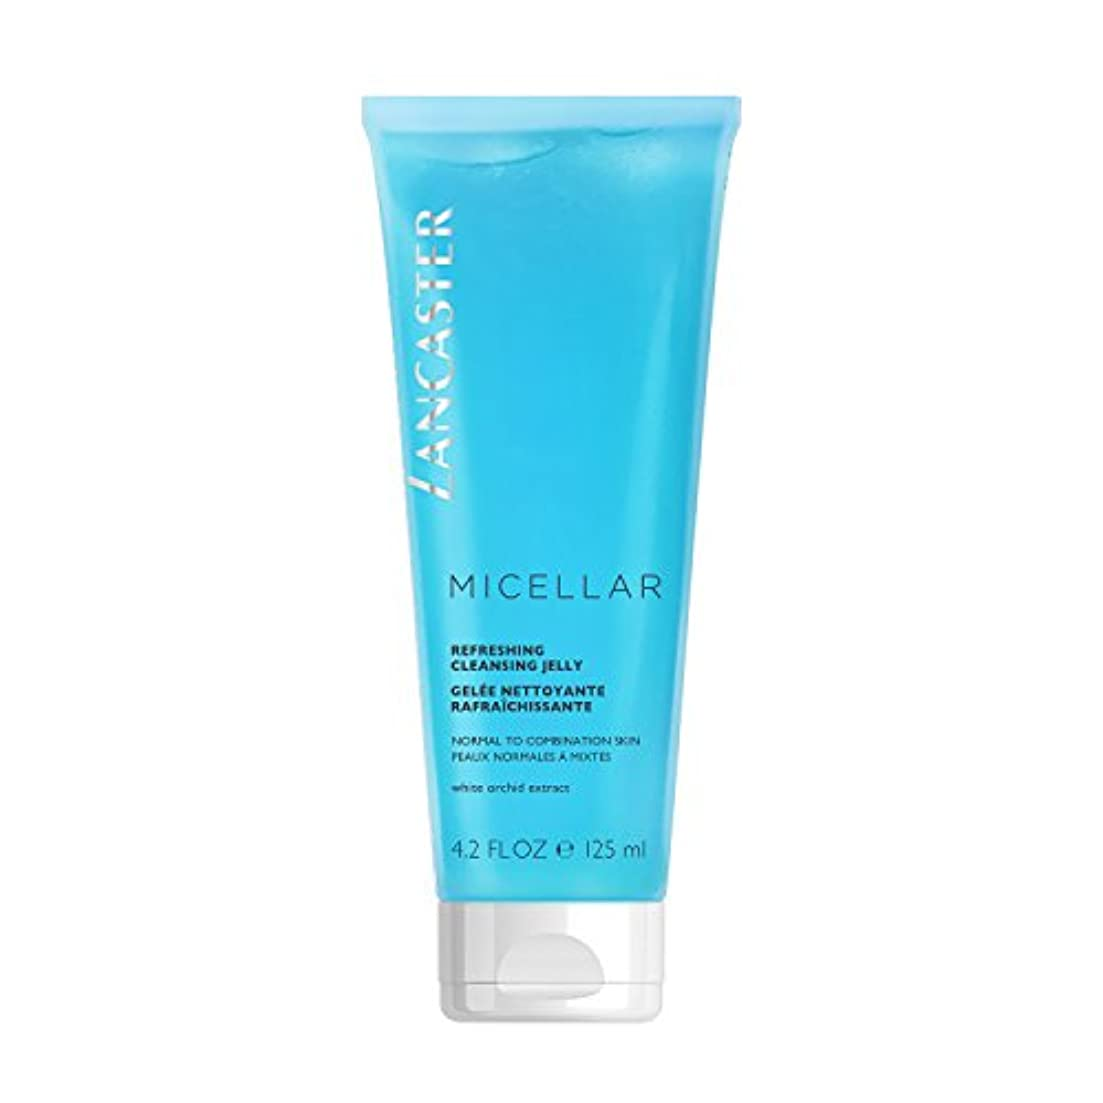 乙女マキシム感謝するランカスター Micellar Refreshing Cleansing Jelly - Normal to Combination Skin, Including Sensitive Skin 125ml/4.2oz並行輸入品